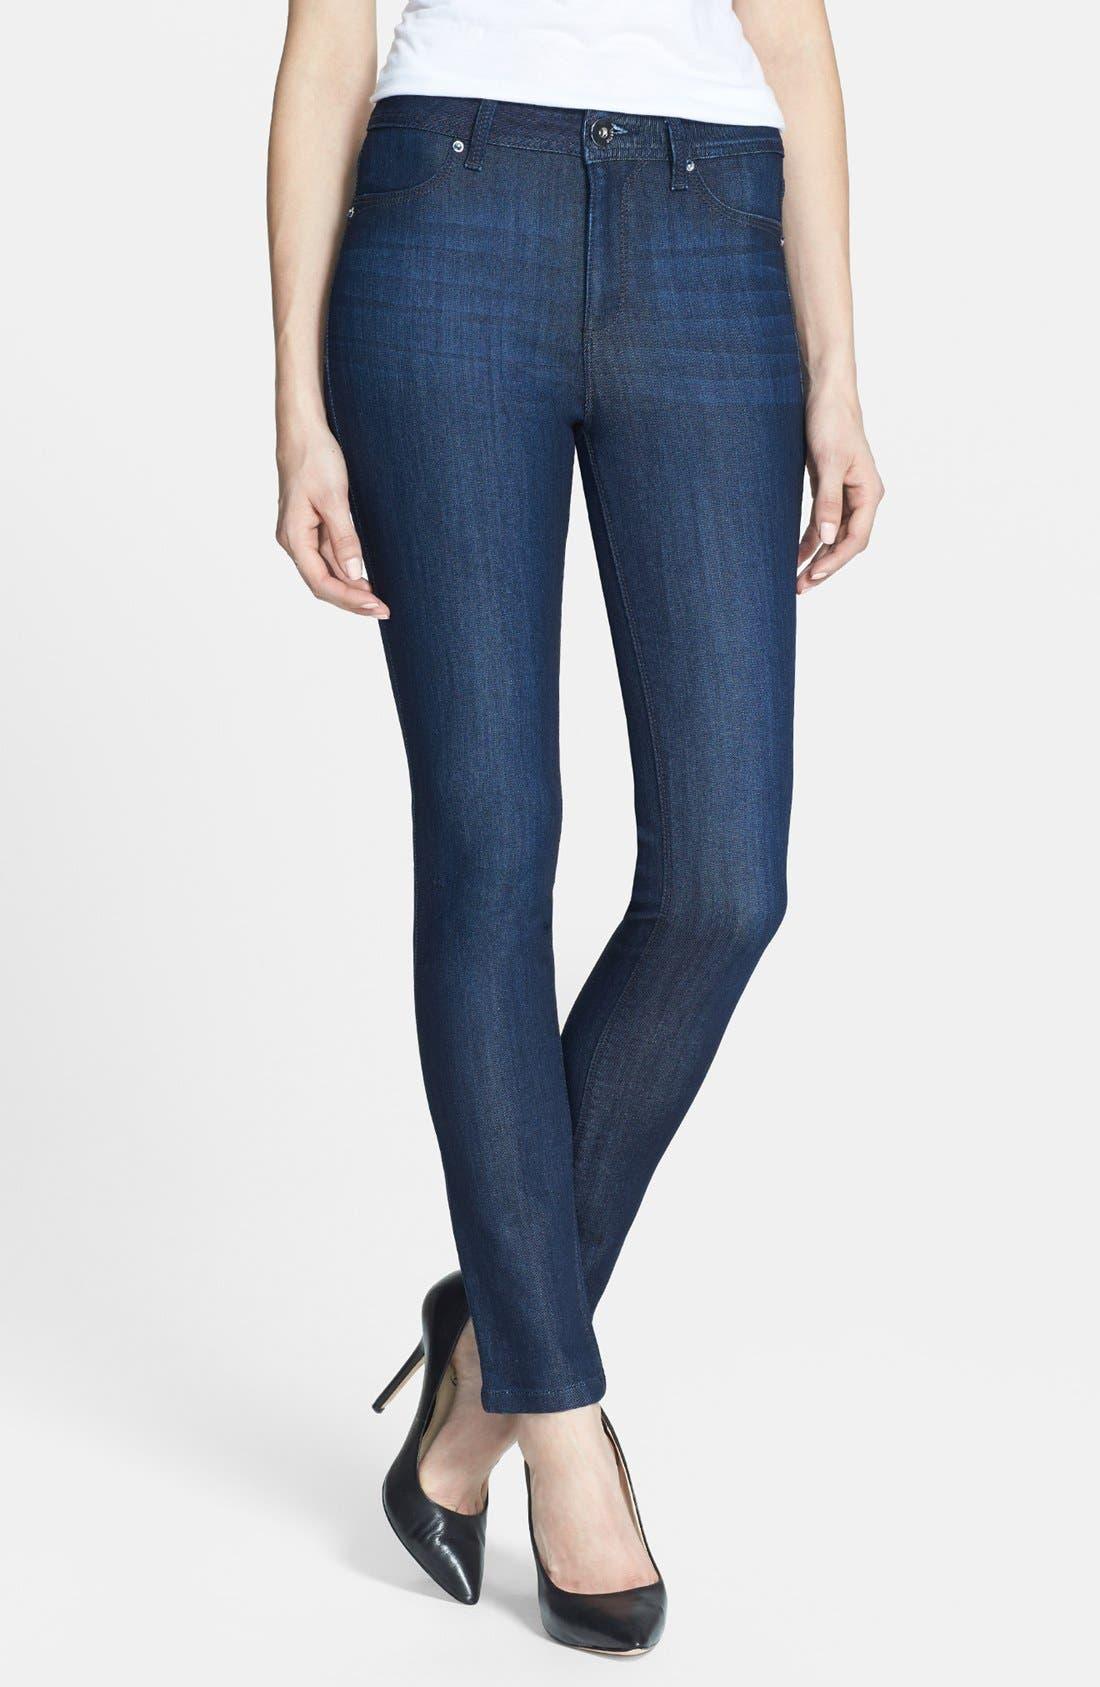 Main Image - DL1961 'Nina' High Rise Skinny Jeans (Milan)